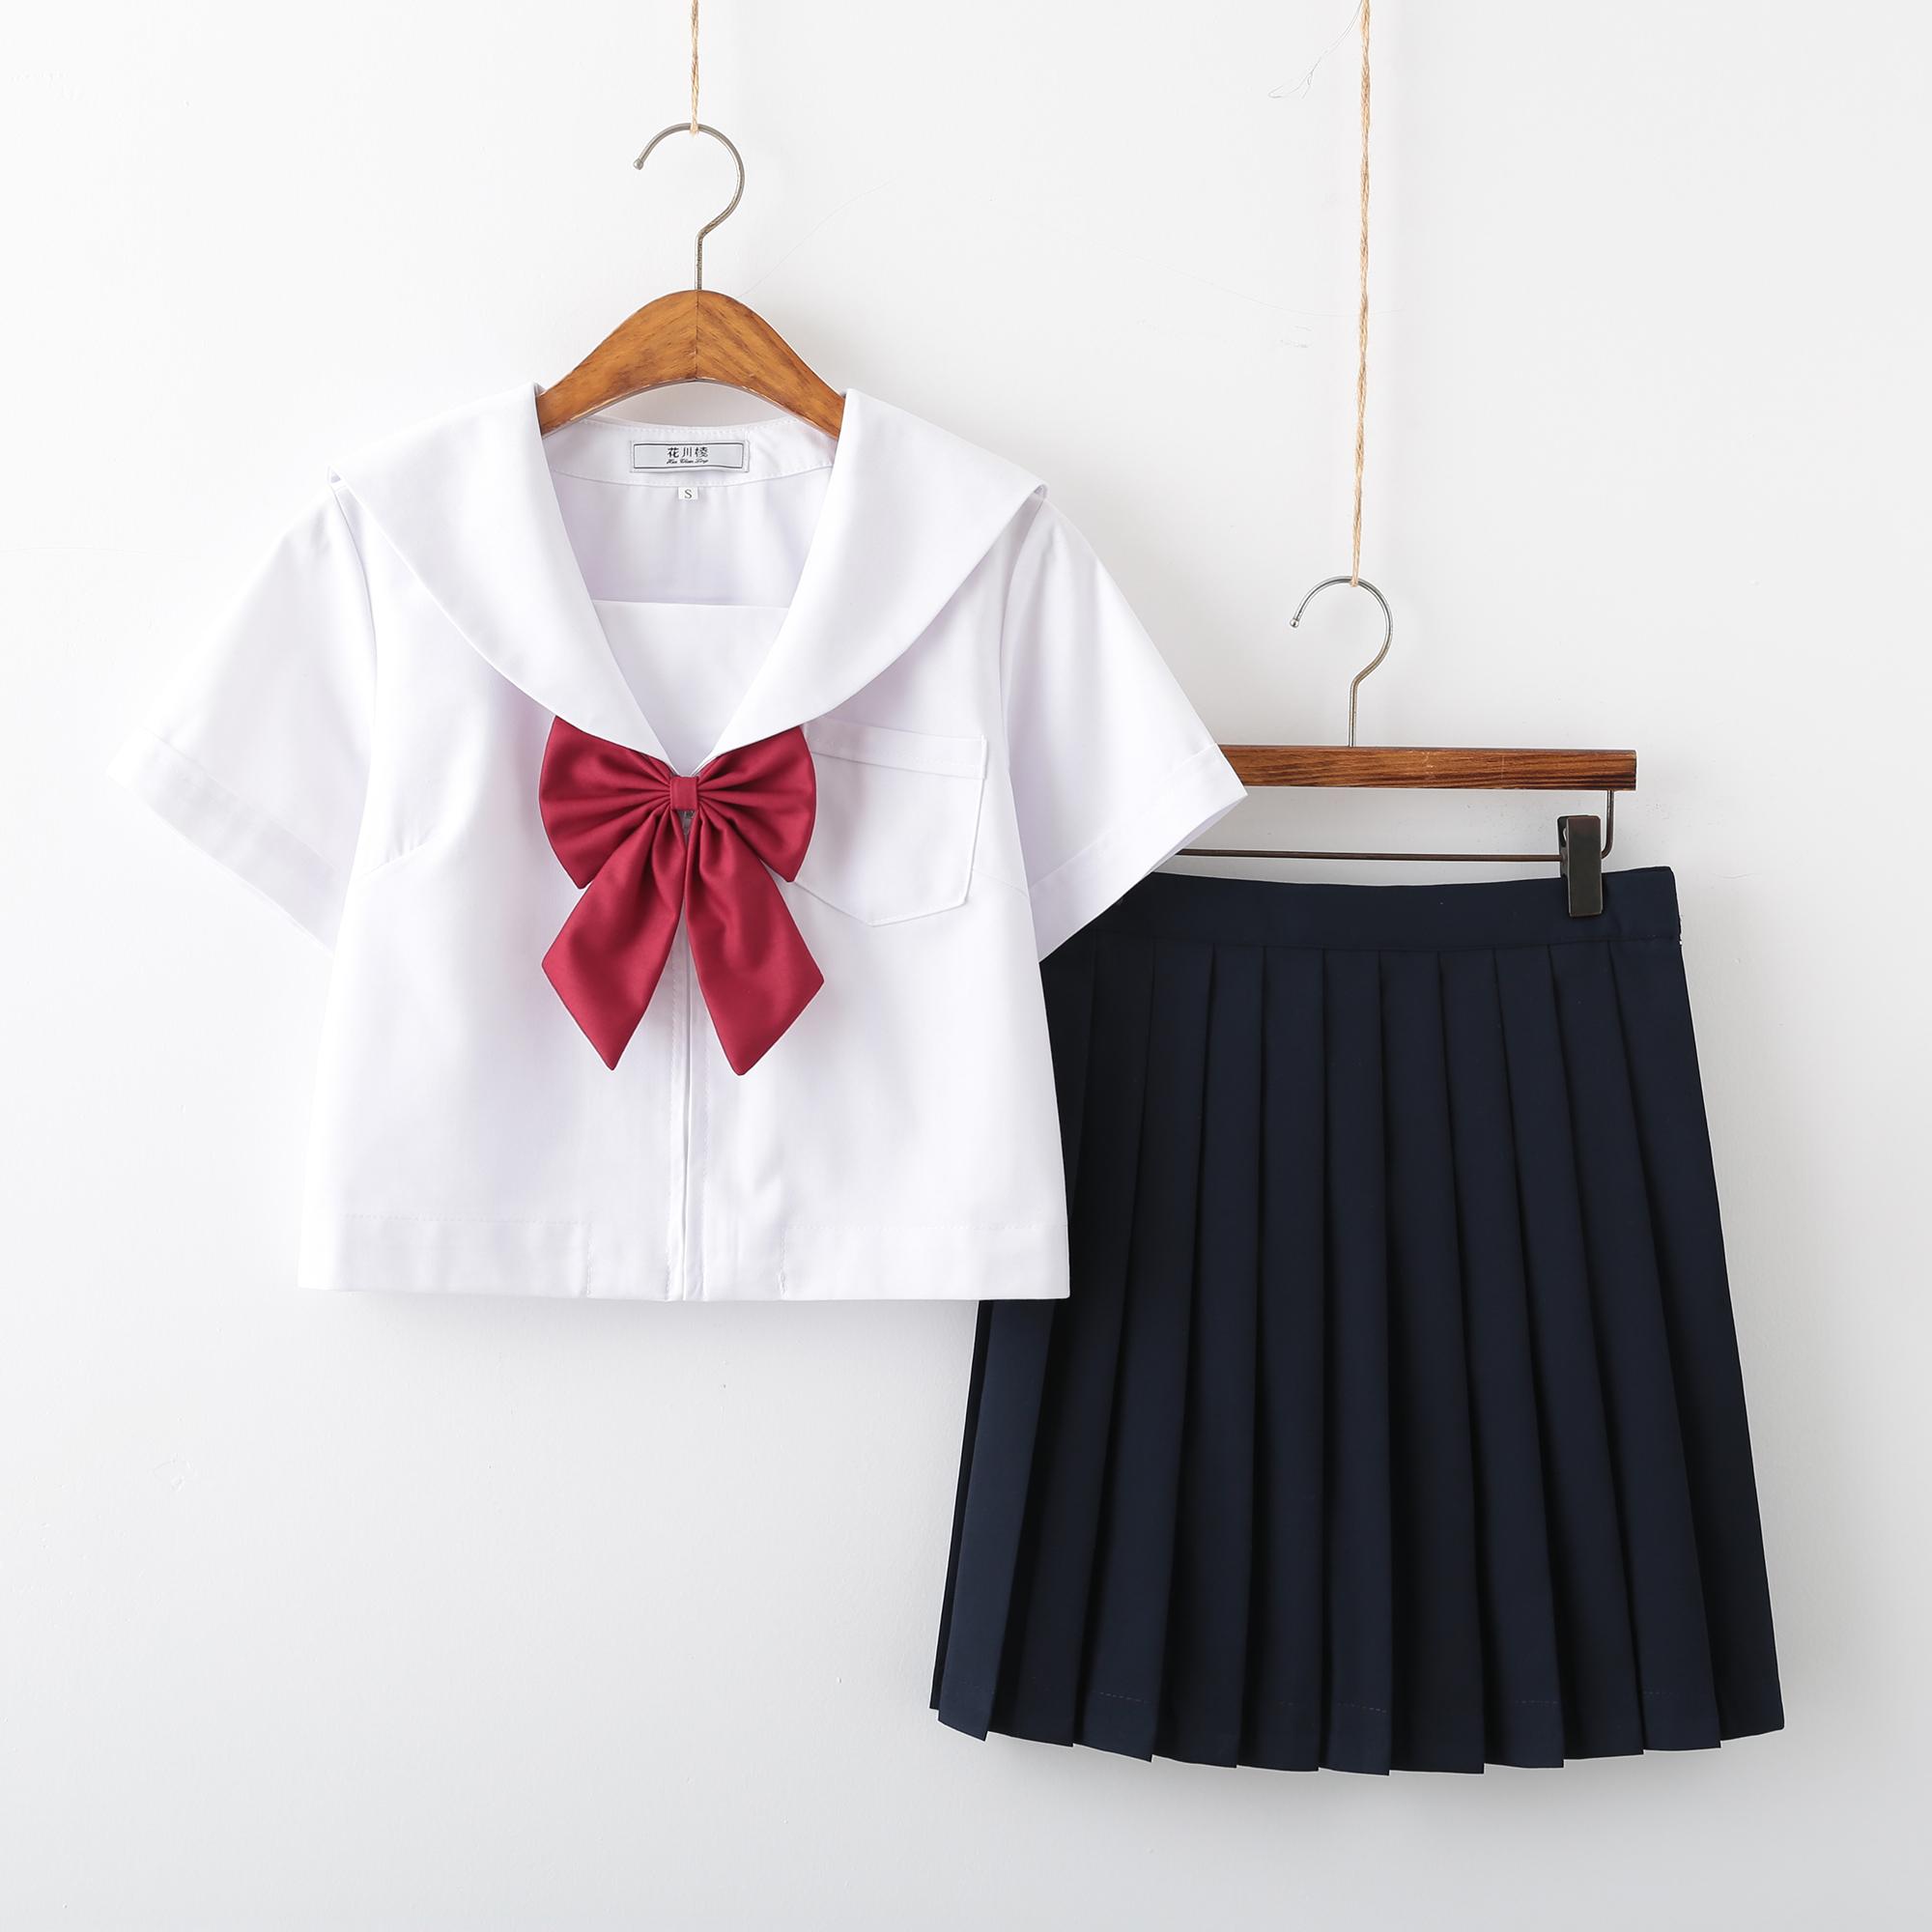 学生制服女长短款英伦风校服套装白无本(不含配件)150-C0304085